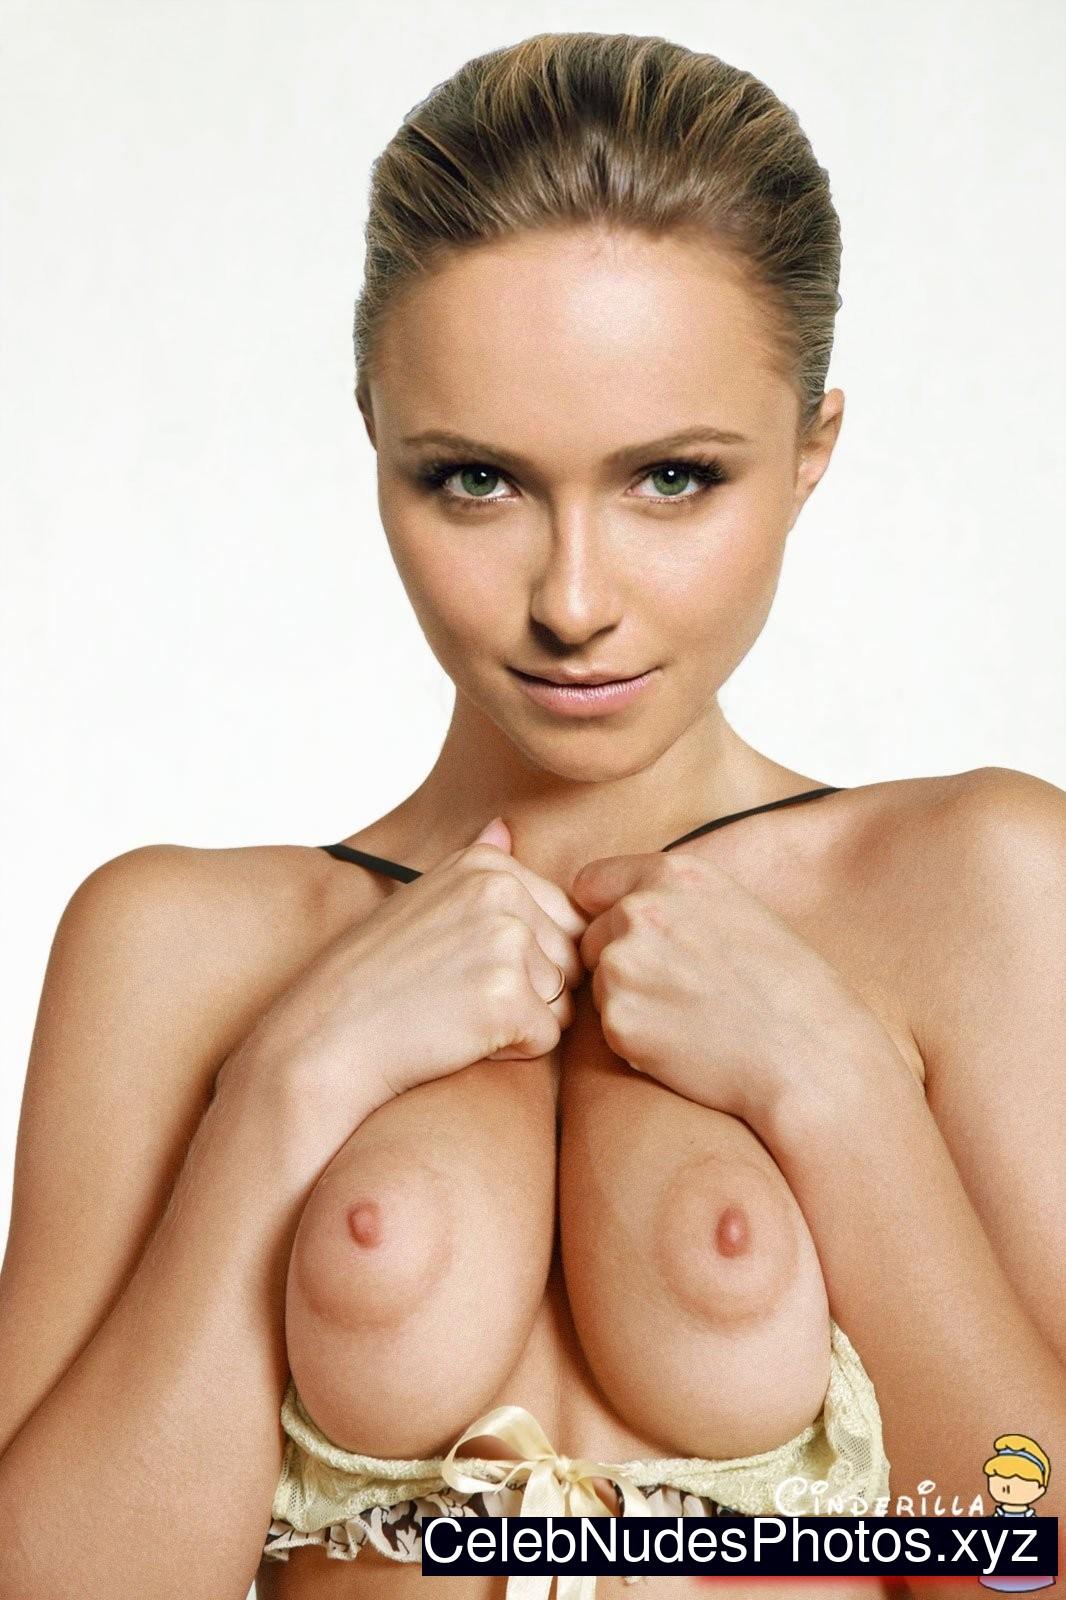 Hayden Panettiere celebrity nudes